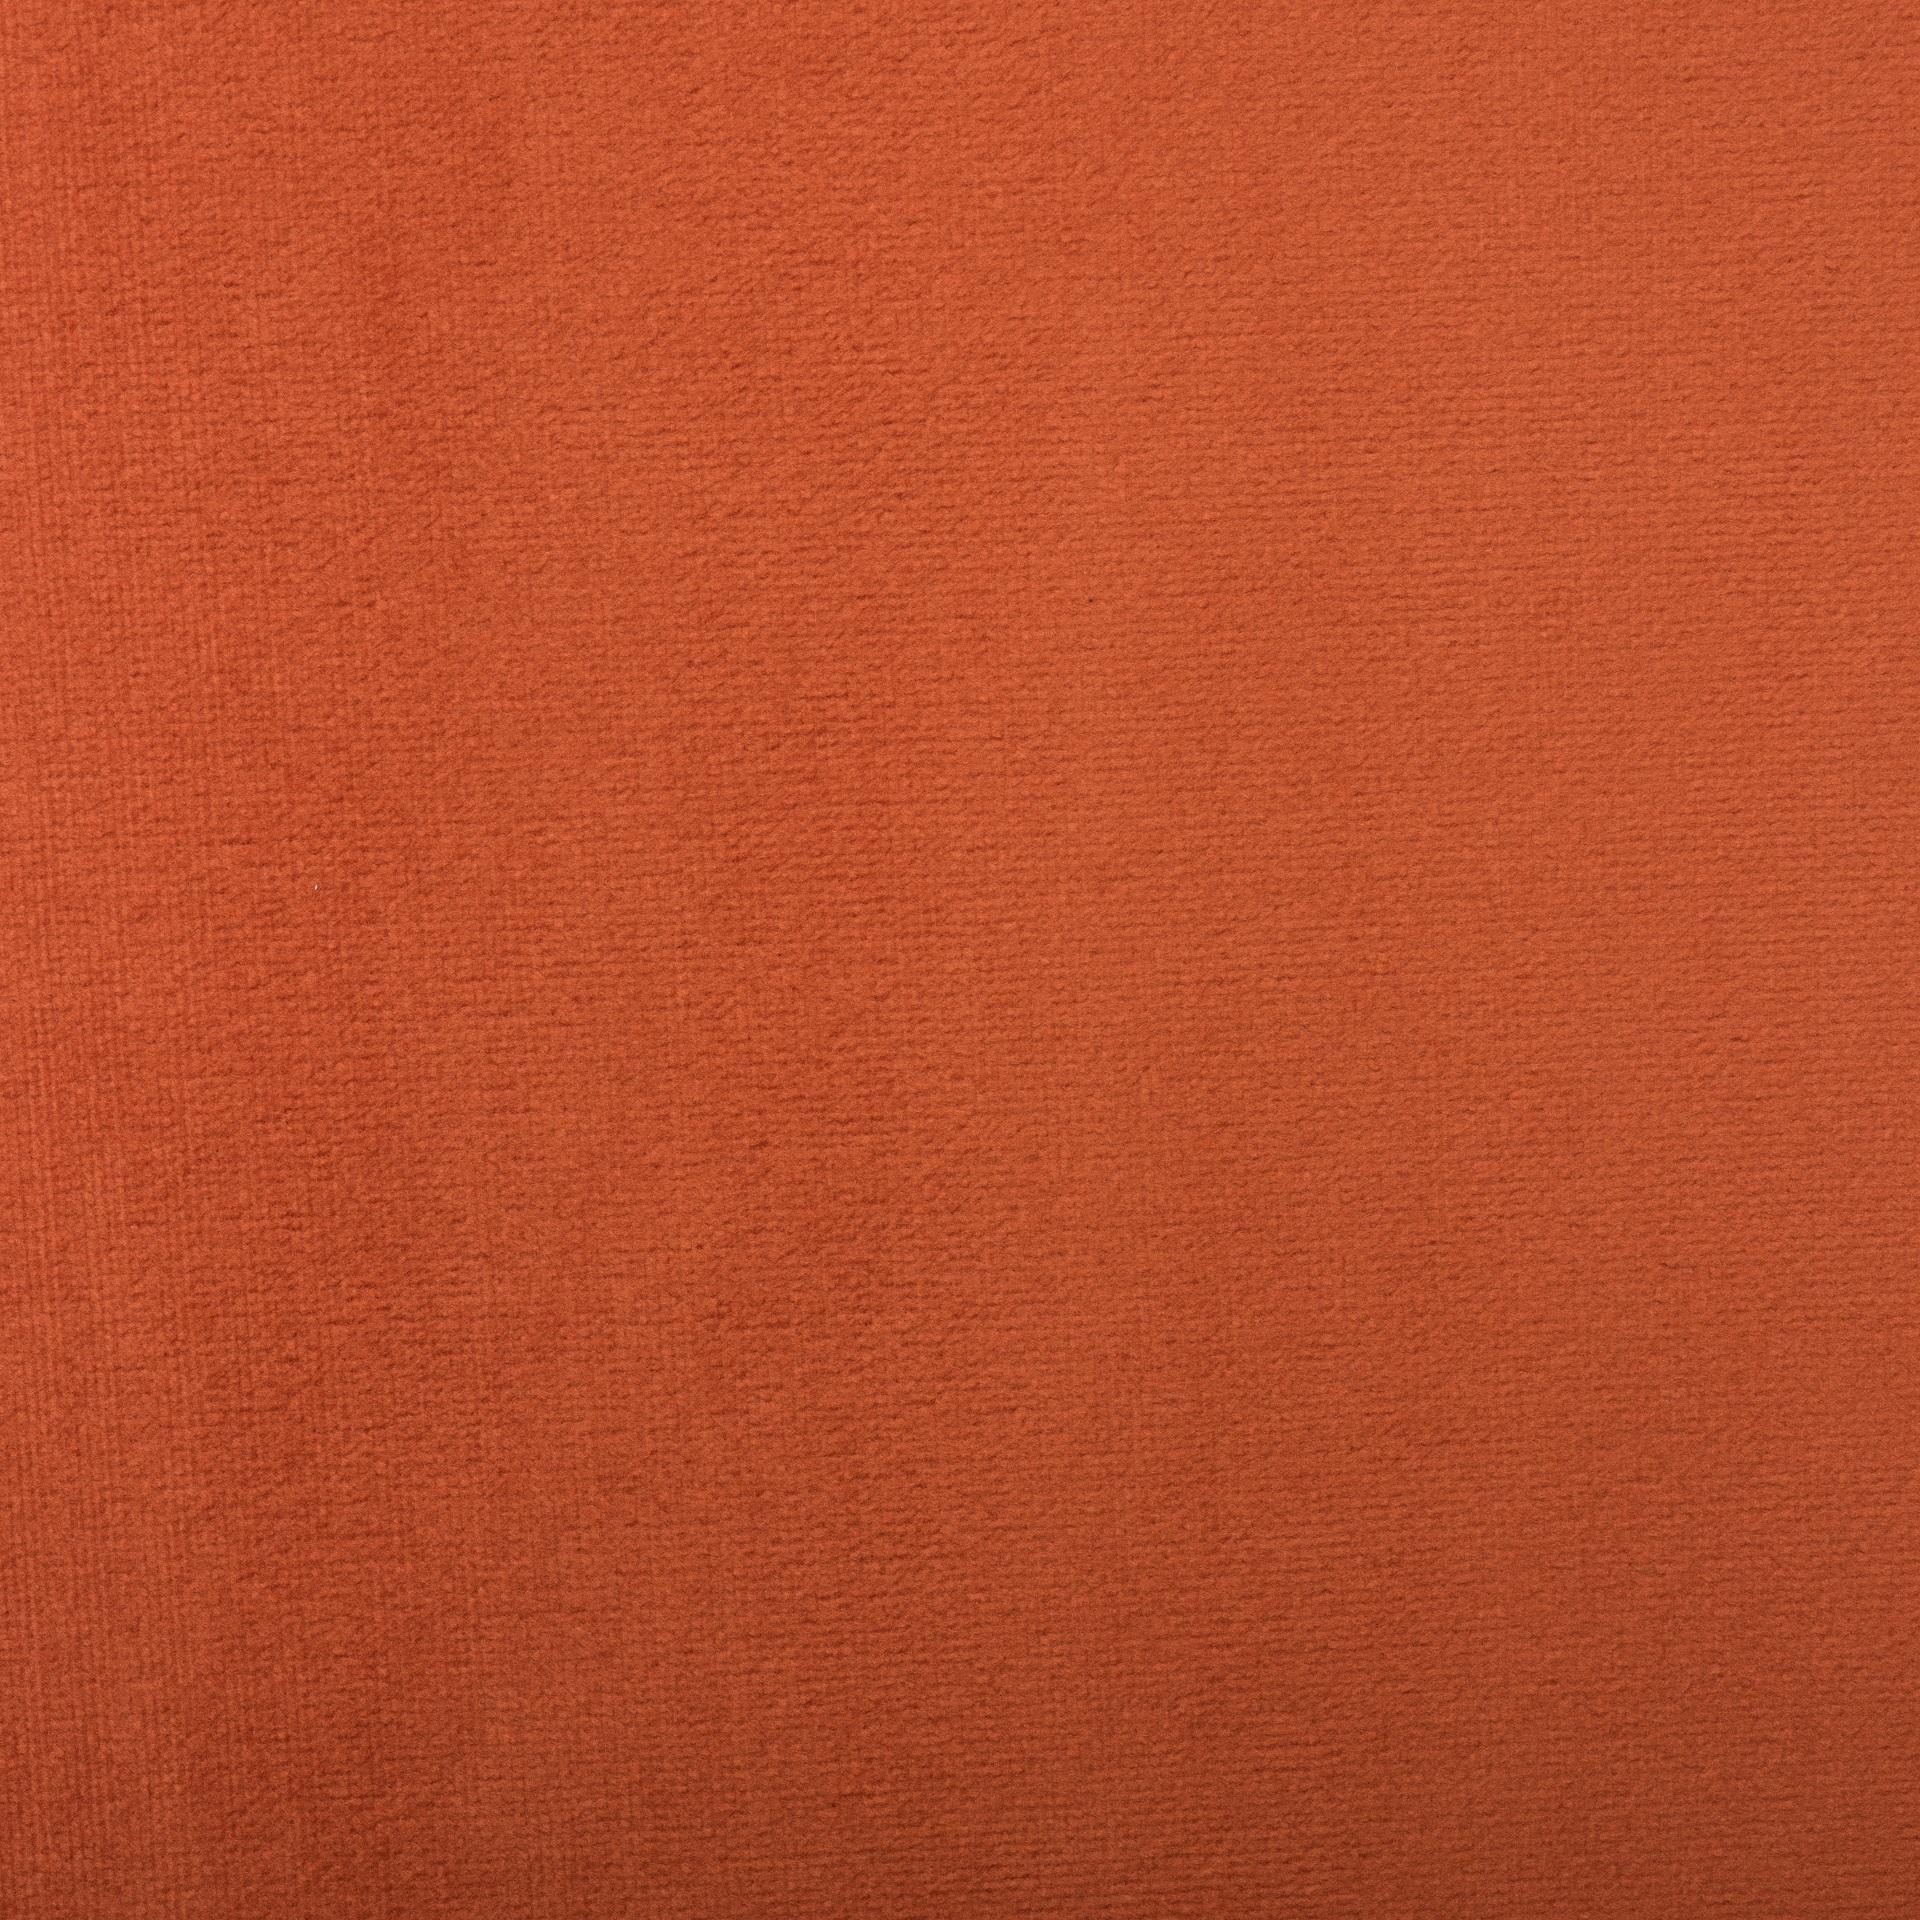 Коллекция ткани 38 CARROT,  купить ткань Велюр для мебели Украина